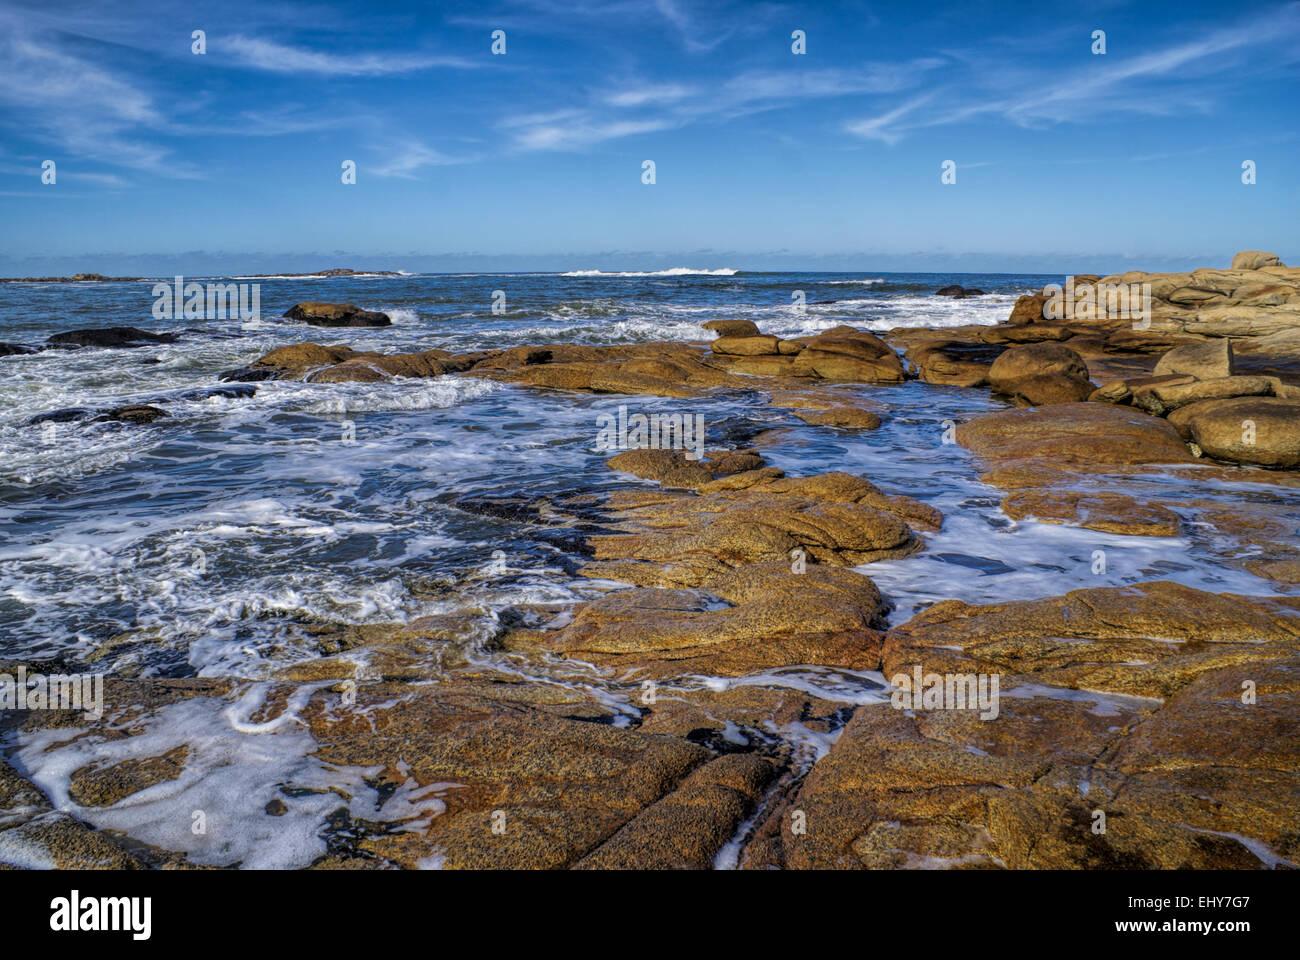 Vista incredibile di onde pacificamente il lavaggio della costa in Cabo Polonio Immagini Stock